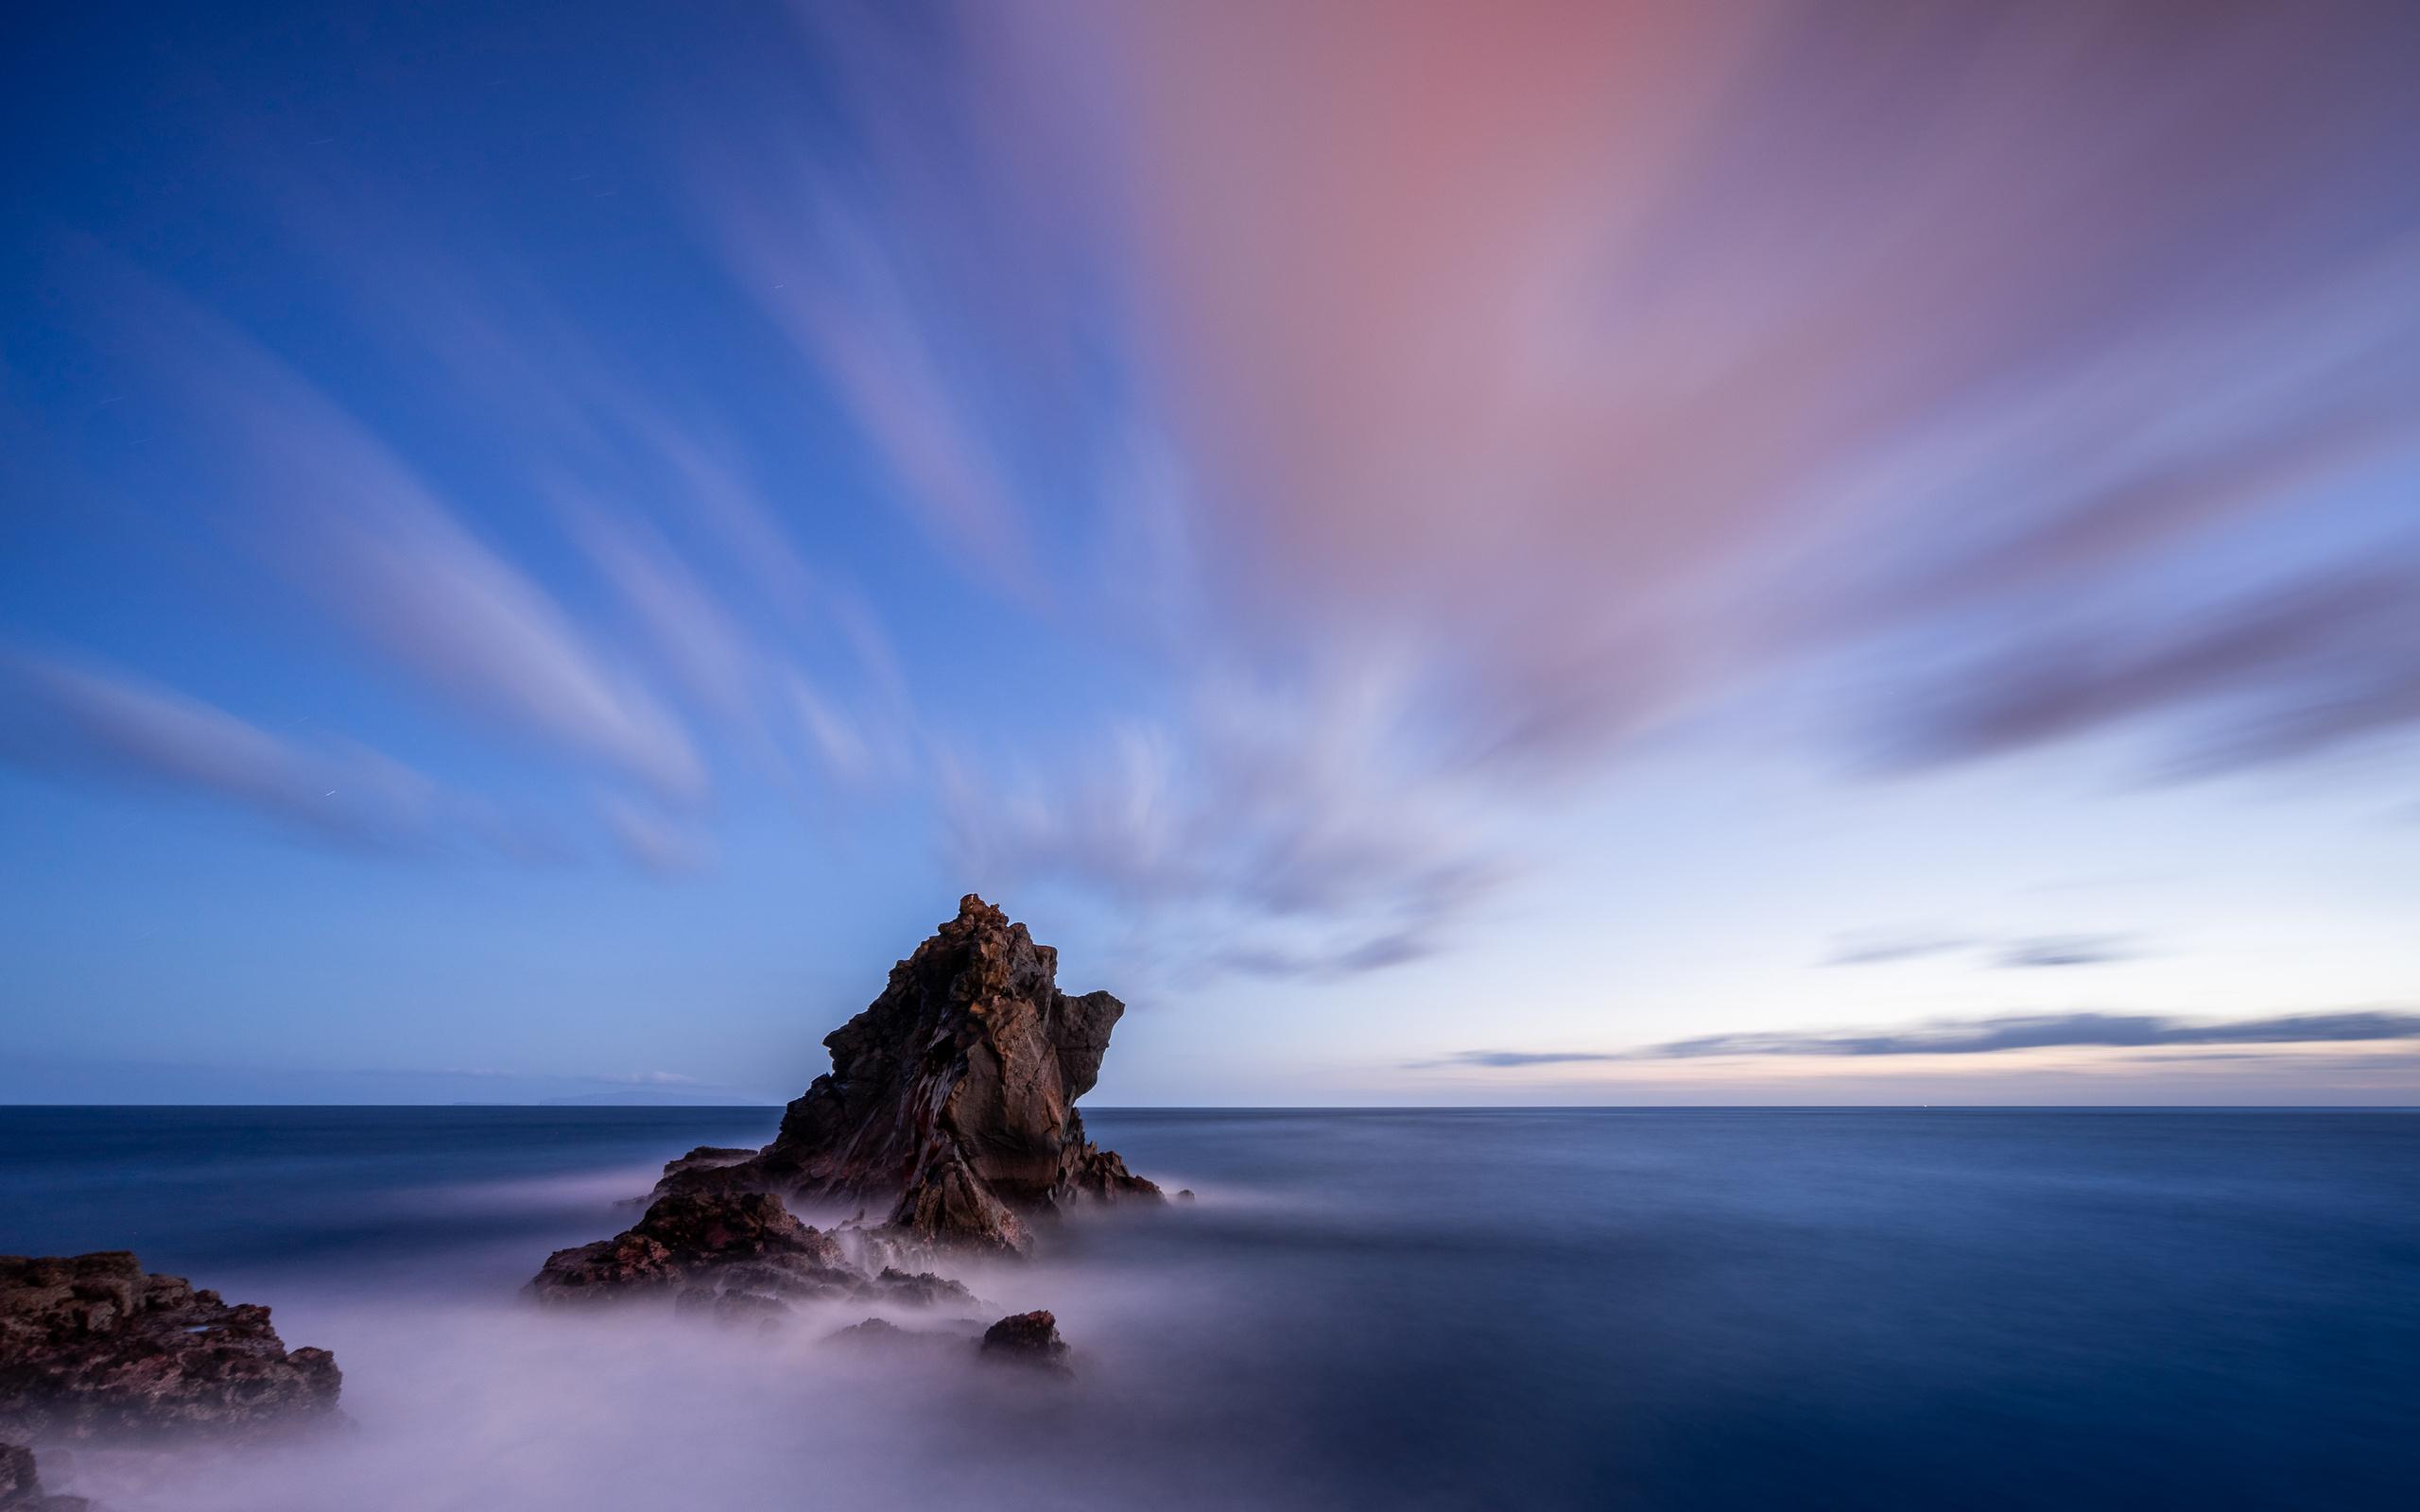 sea-portugal-sky-madeira-crag-o2.jpg